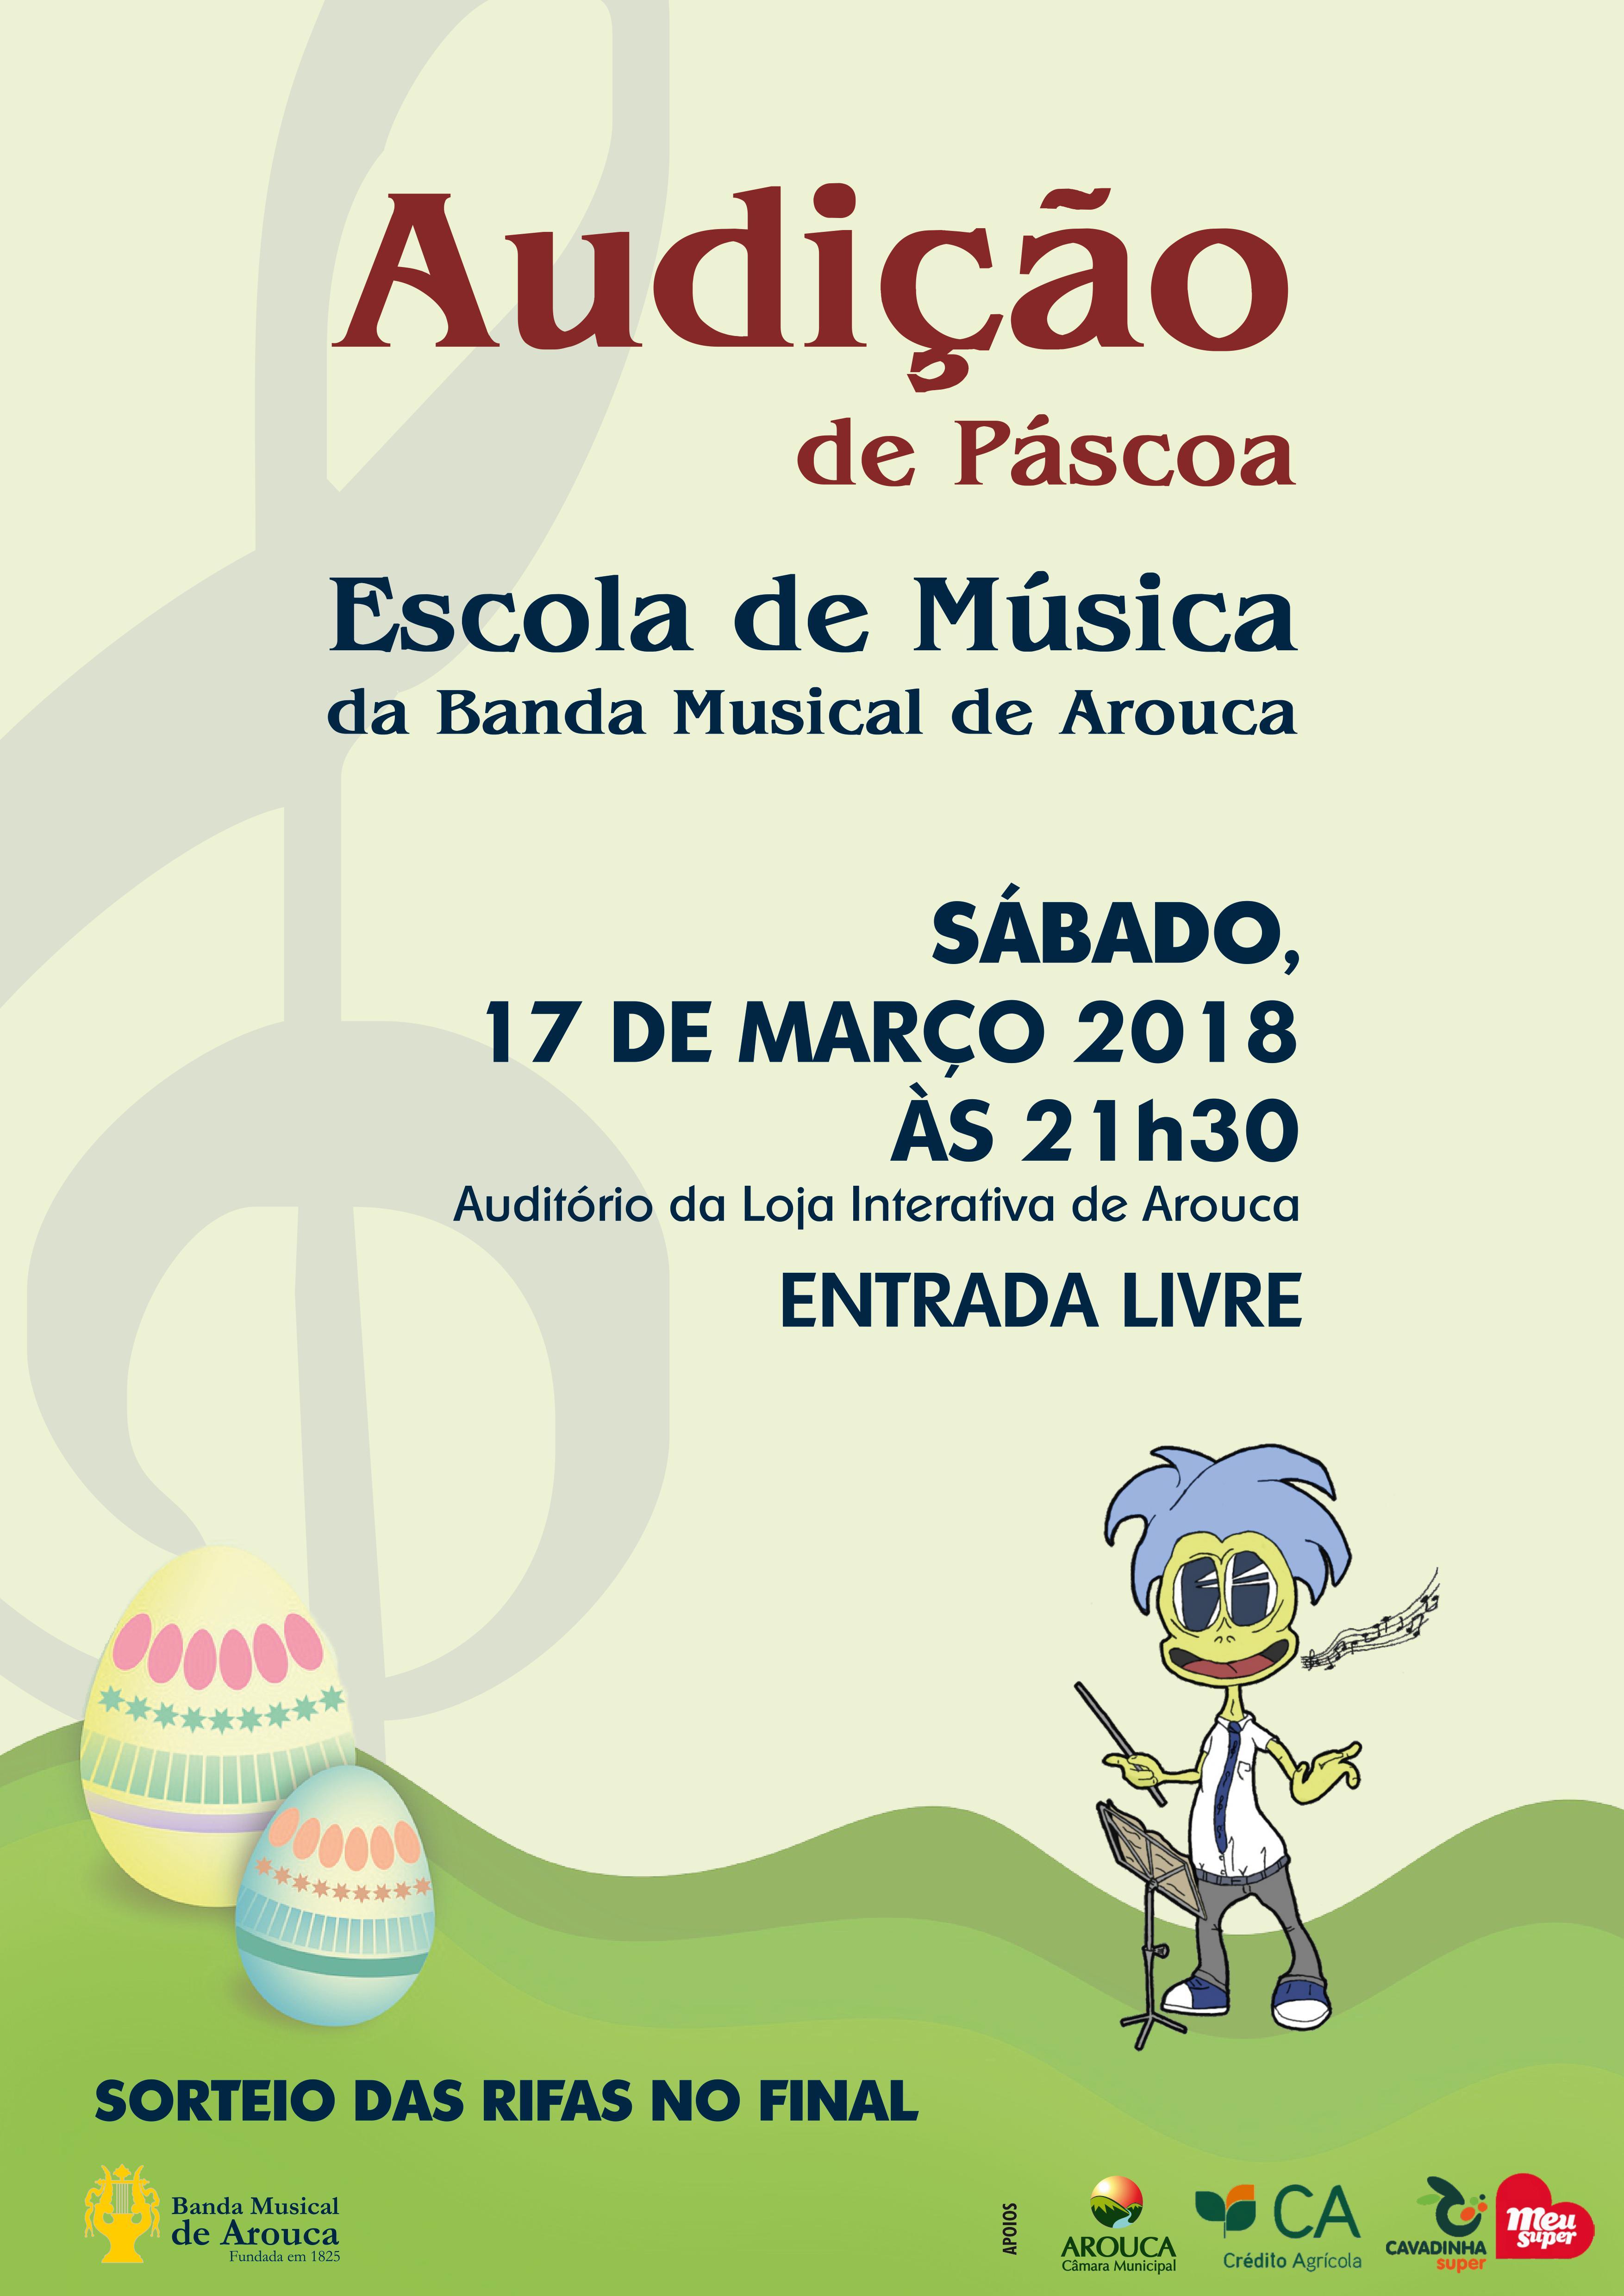 Escola de Música da Banda Musical de Arouca promove audição de Páscoa